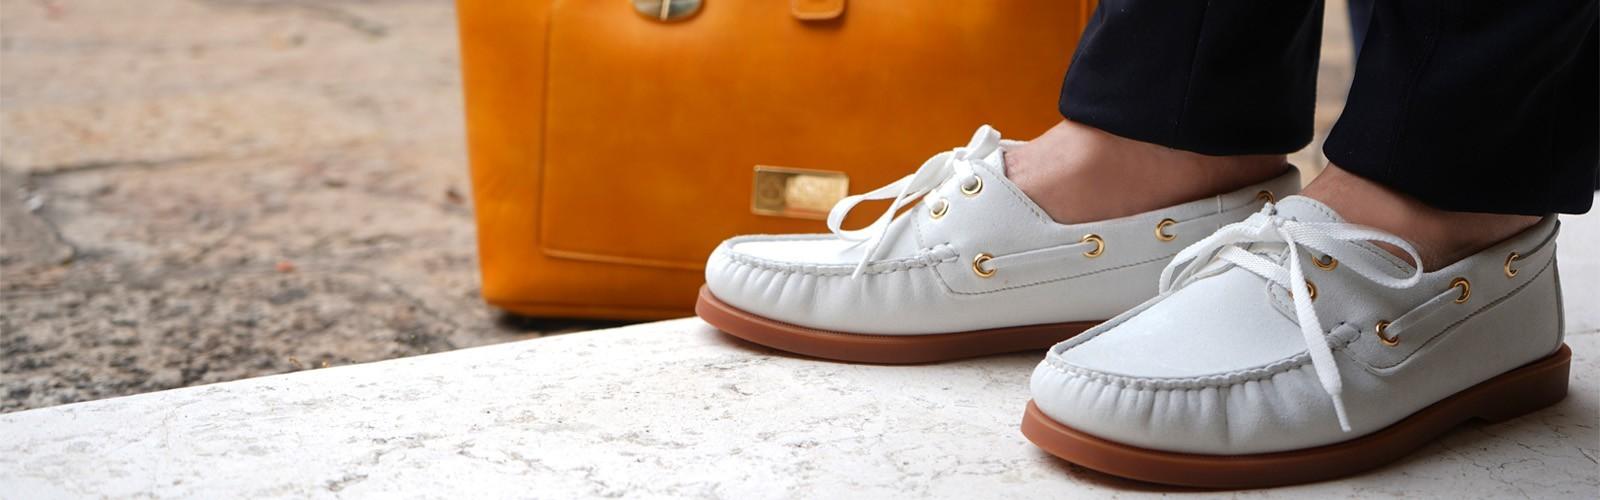 Chaussures d'été végan pour elle